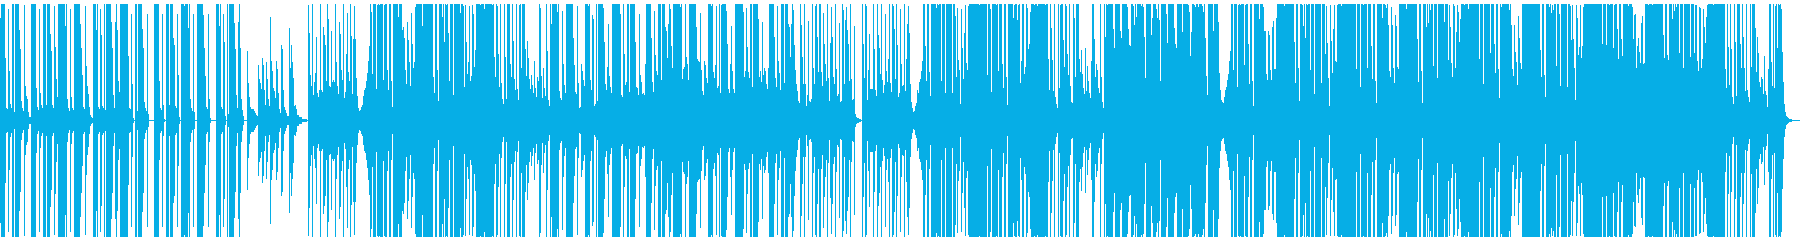 クール、ダーク、洋楽テイストの再生済みの波形